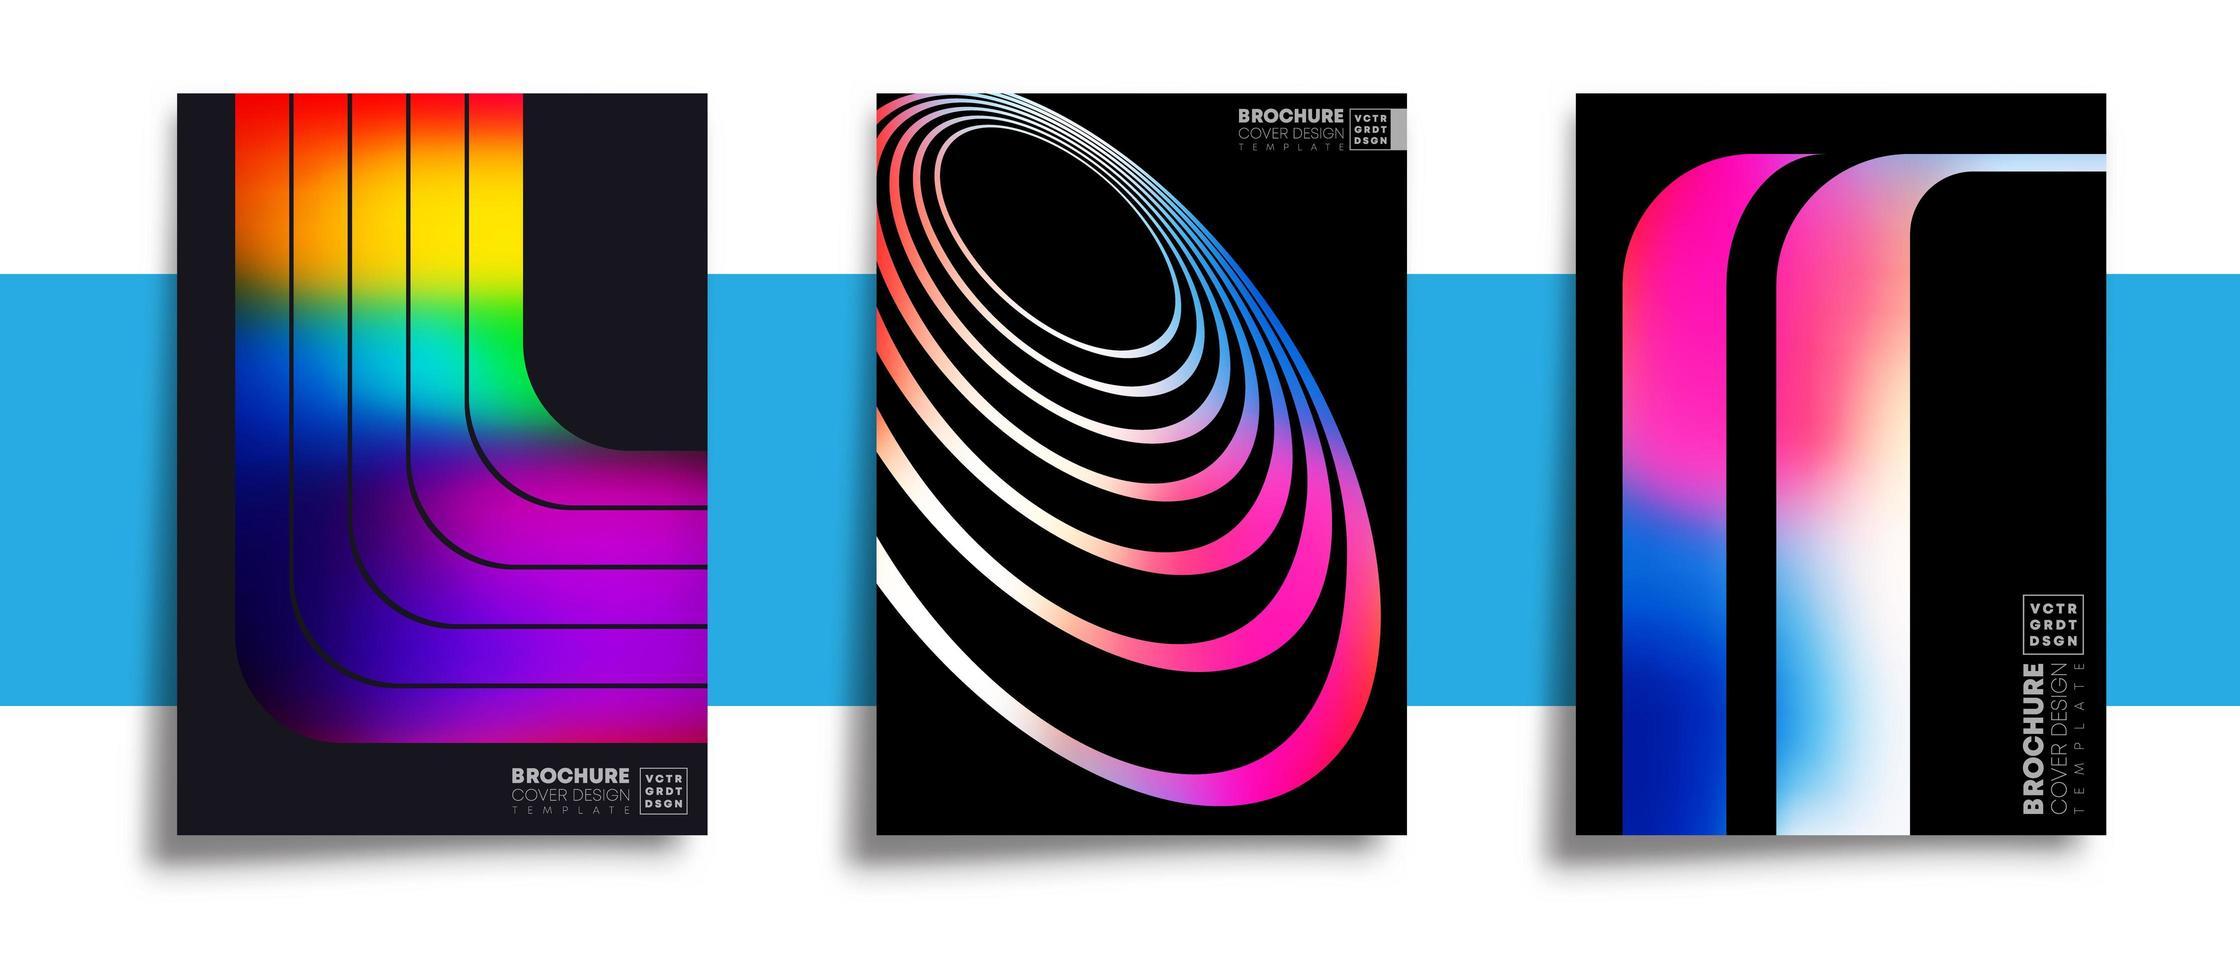 uppsättning abstrakta flerfärgade designaffischer vektor